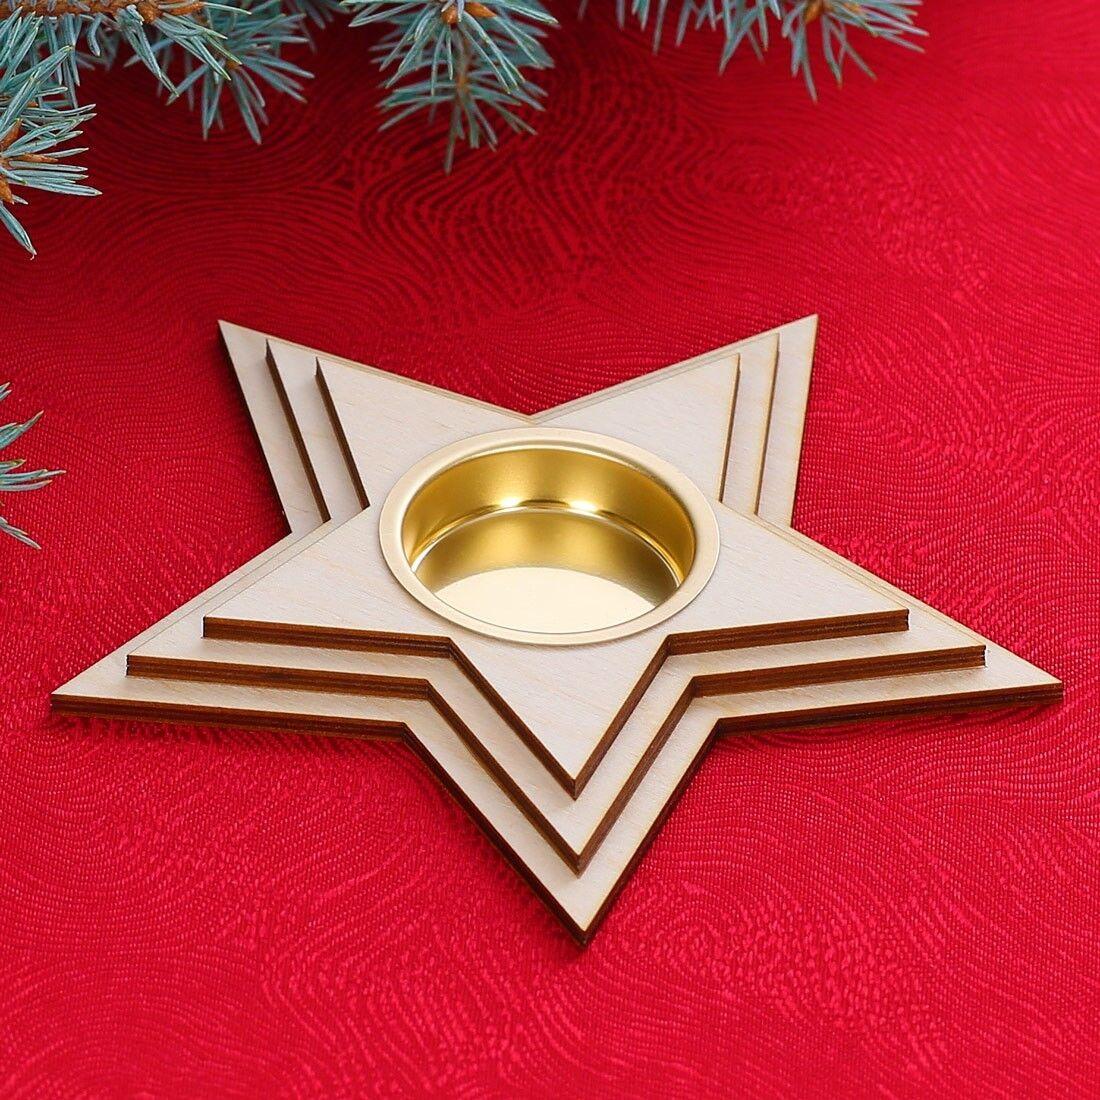 Motiv Teelichthalter Kerzenhalter - Dekoration aus Holz für Weihnachten